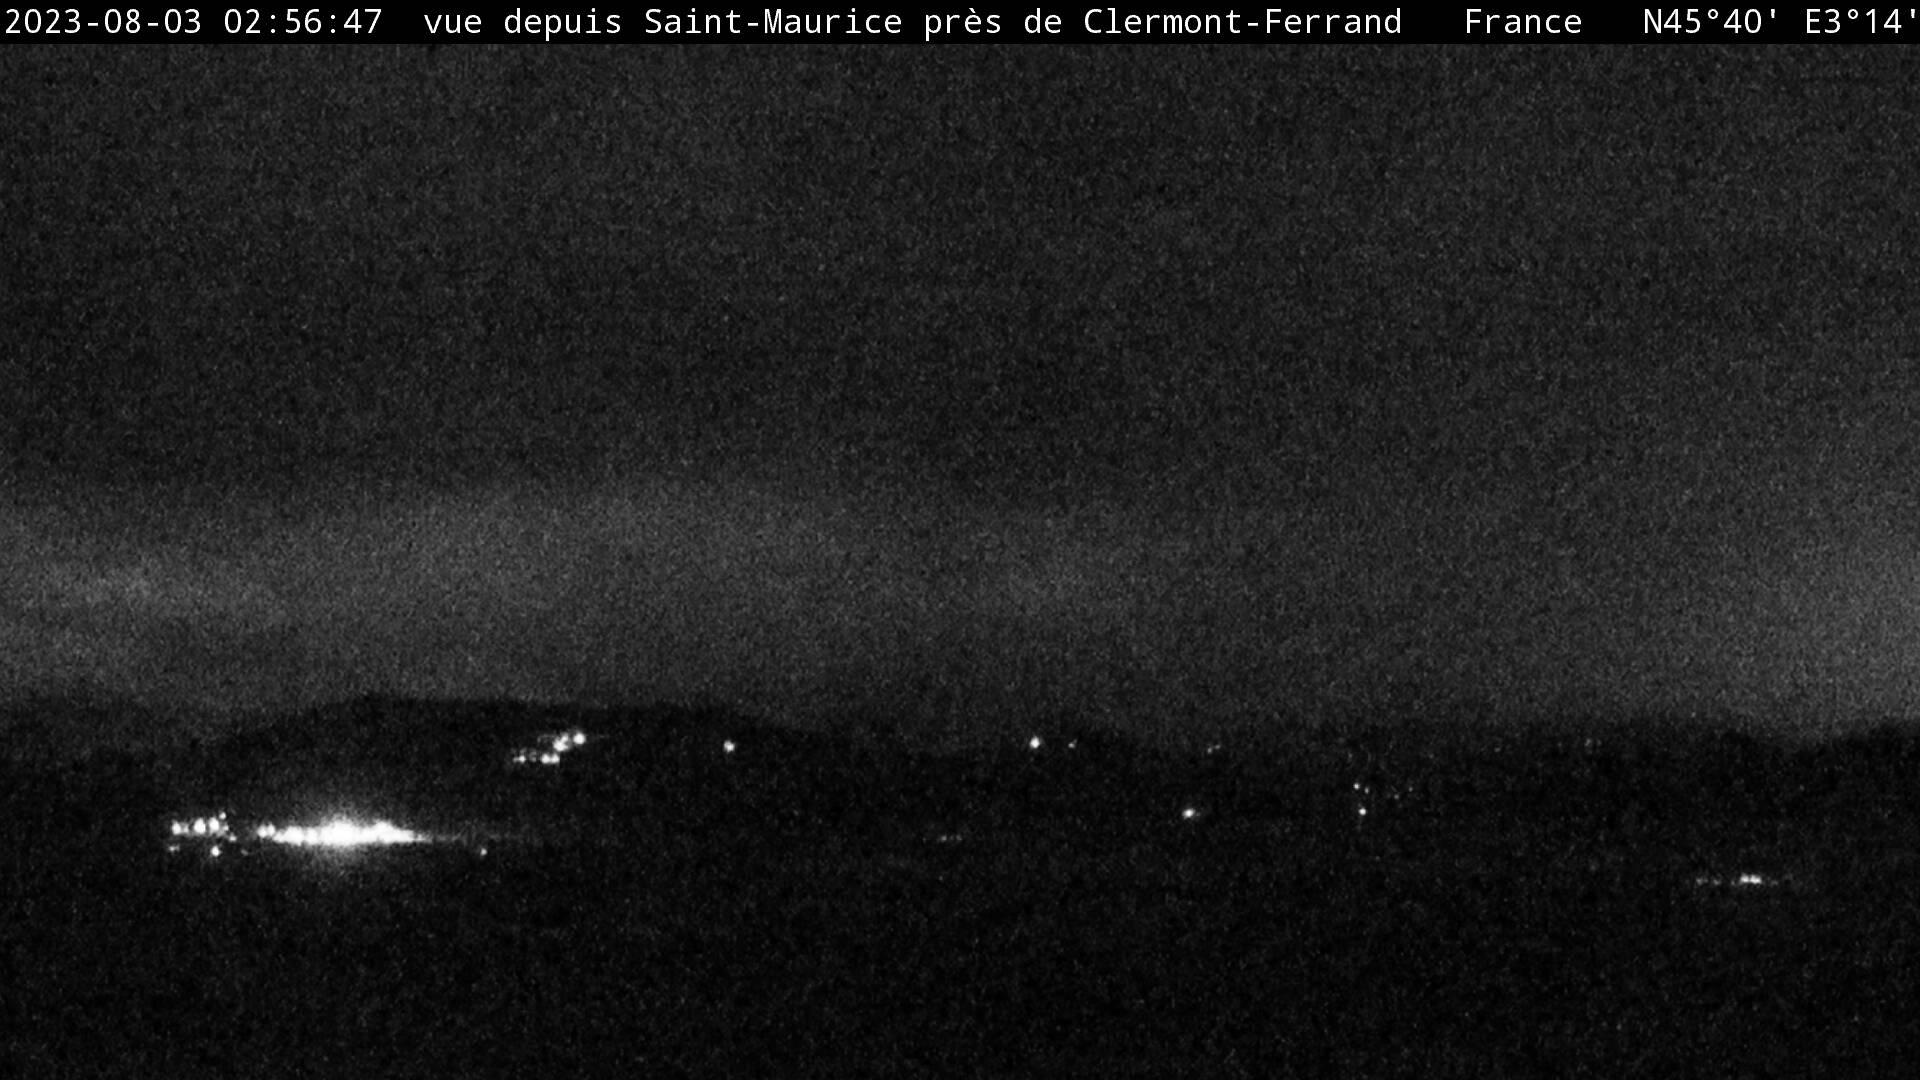 Saint-Maurice Sun. 02:57